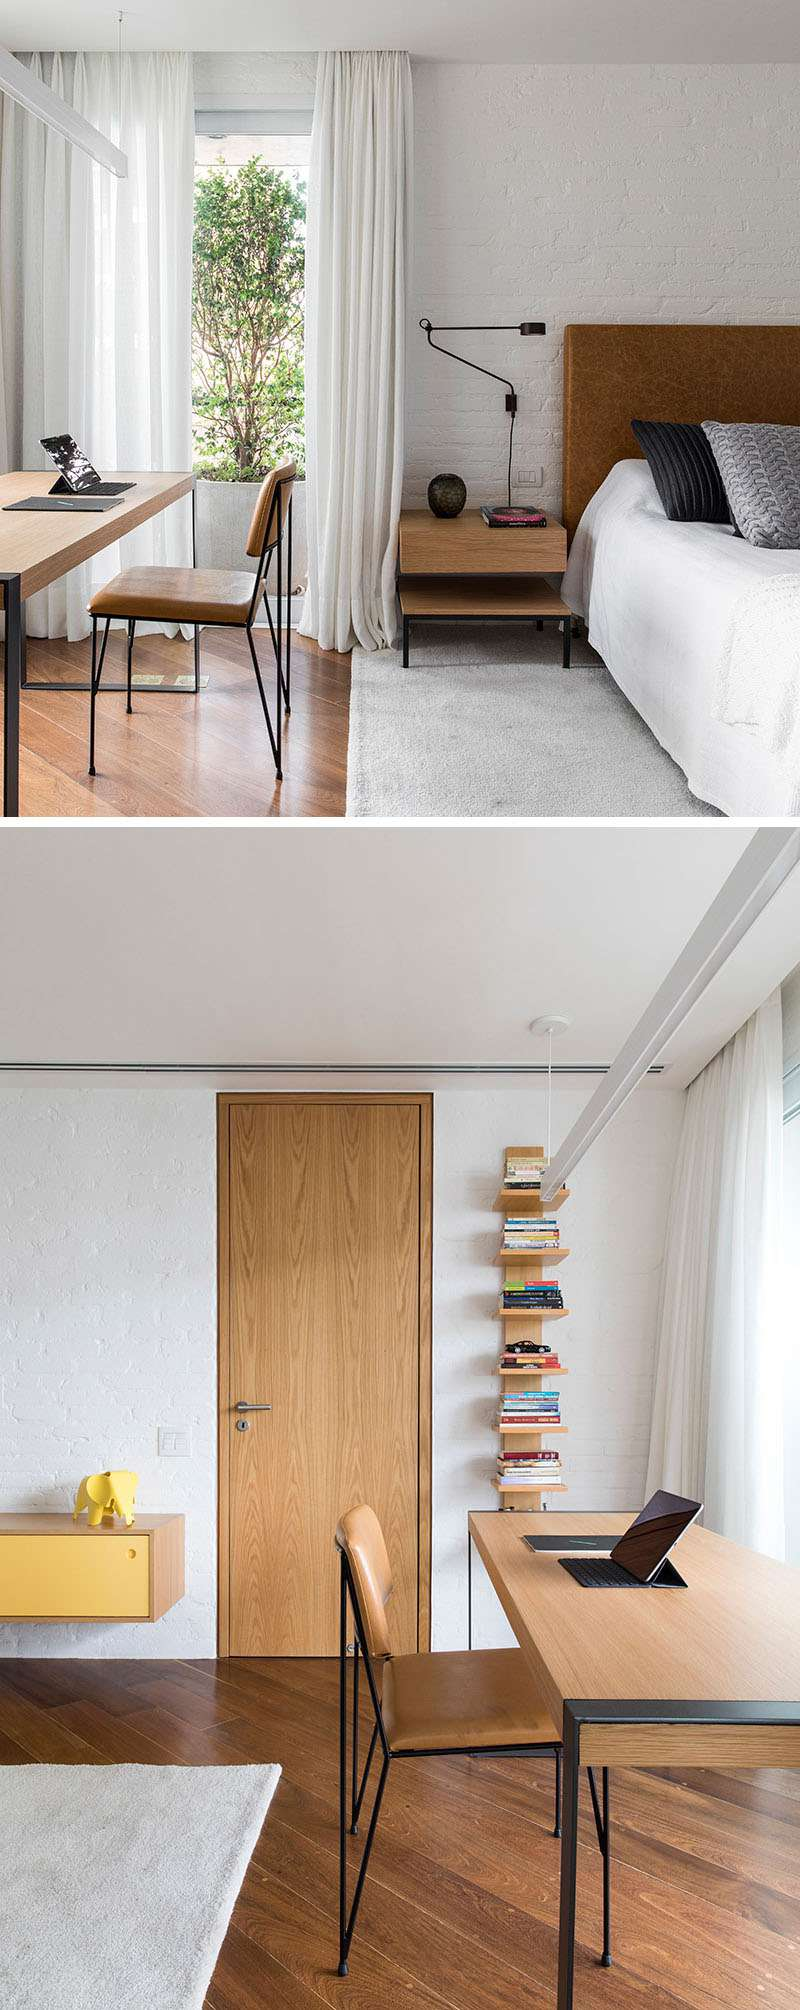 دکوراسیون داخلی پنت هاوس مدرن با چوب